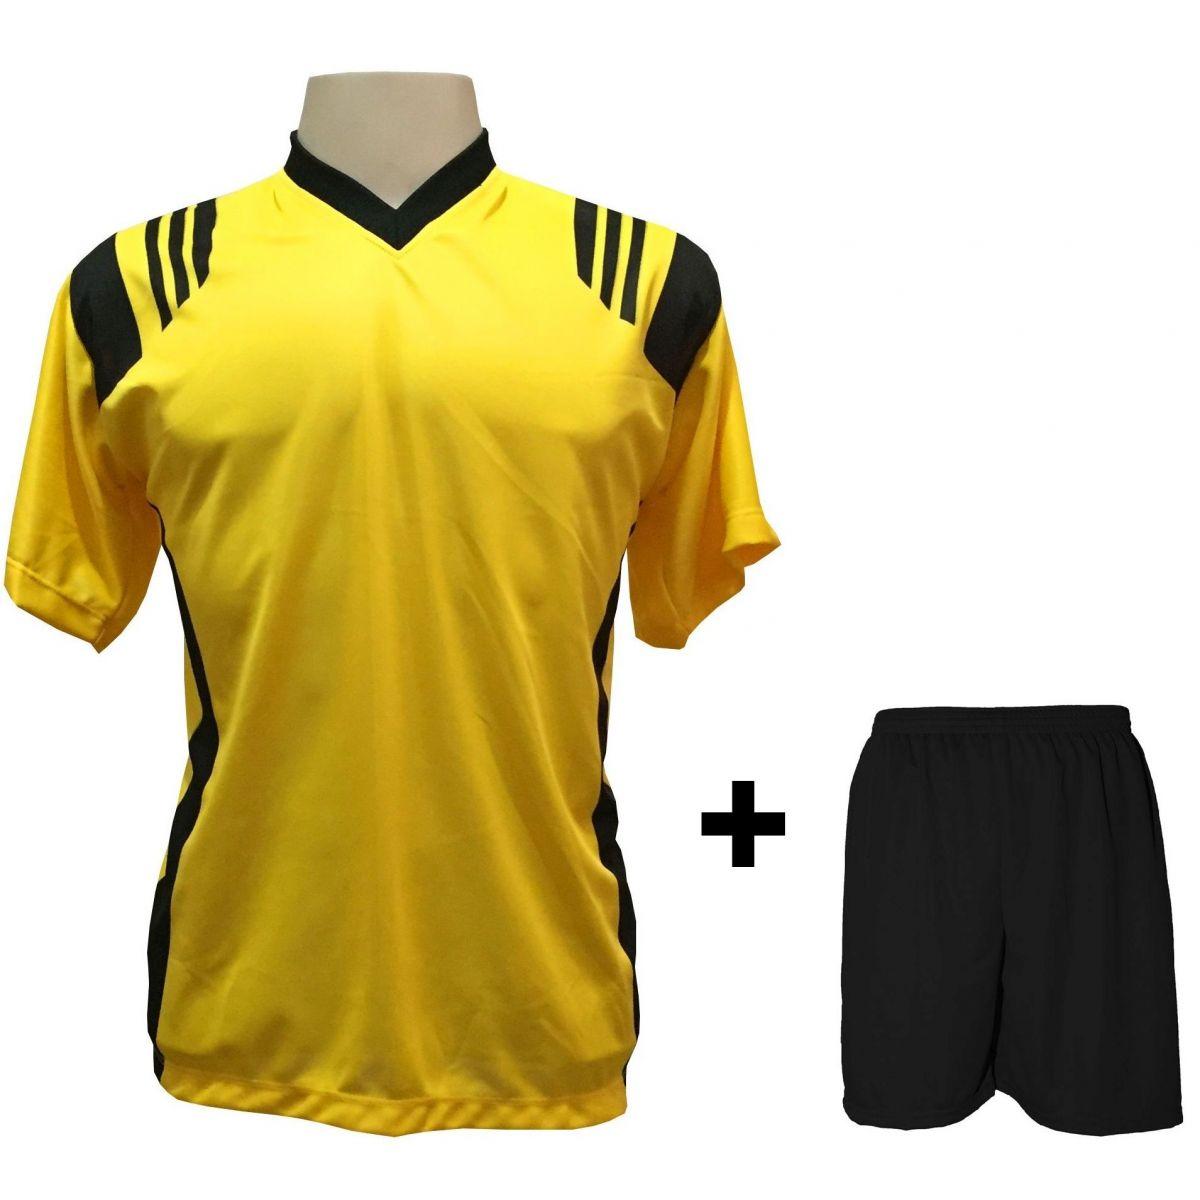 Uniforme Esportivo com 20 Camisas modelo Roma Amarelo Preto + 20 Calções  modelo Madrid Preto ... 3c50162fa42b3